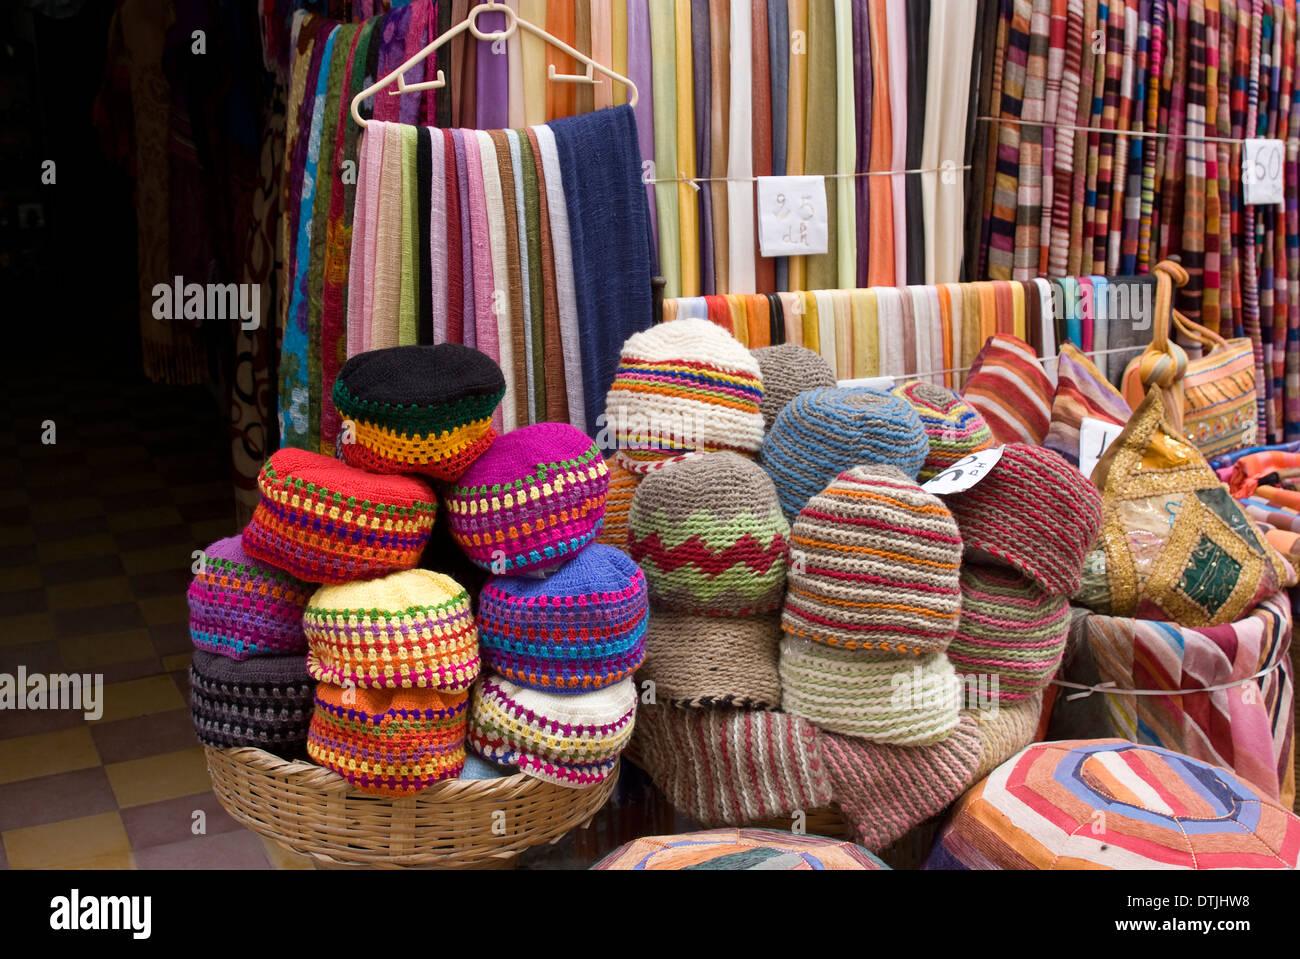 Stoffe, Teppiche, Kissen und Strickmützen für Verkauf in den Souk ...